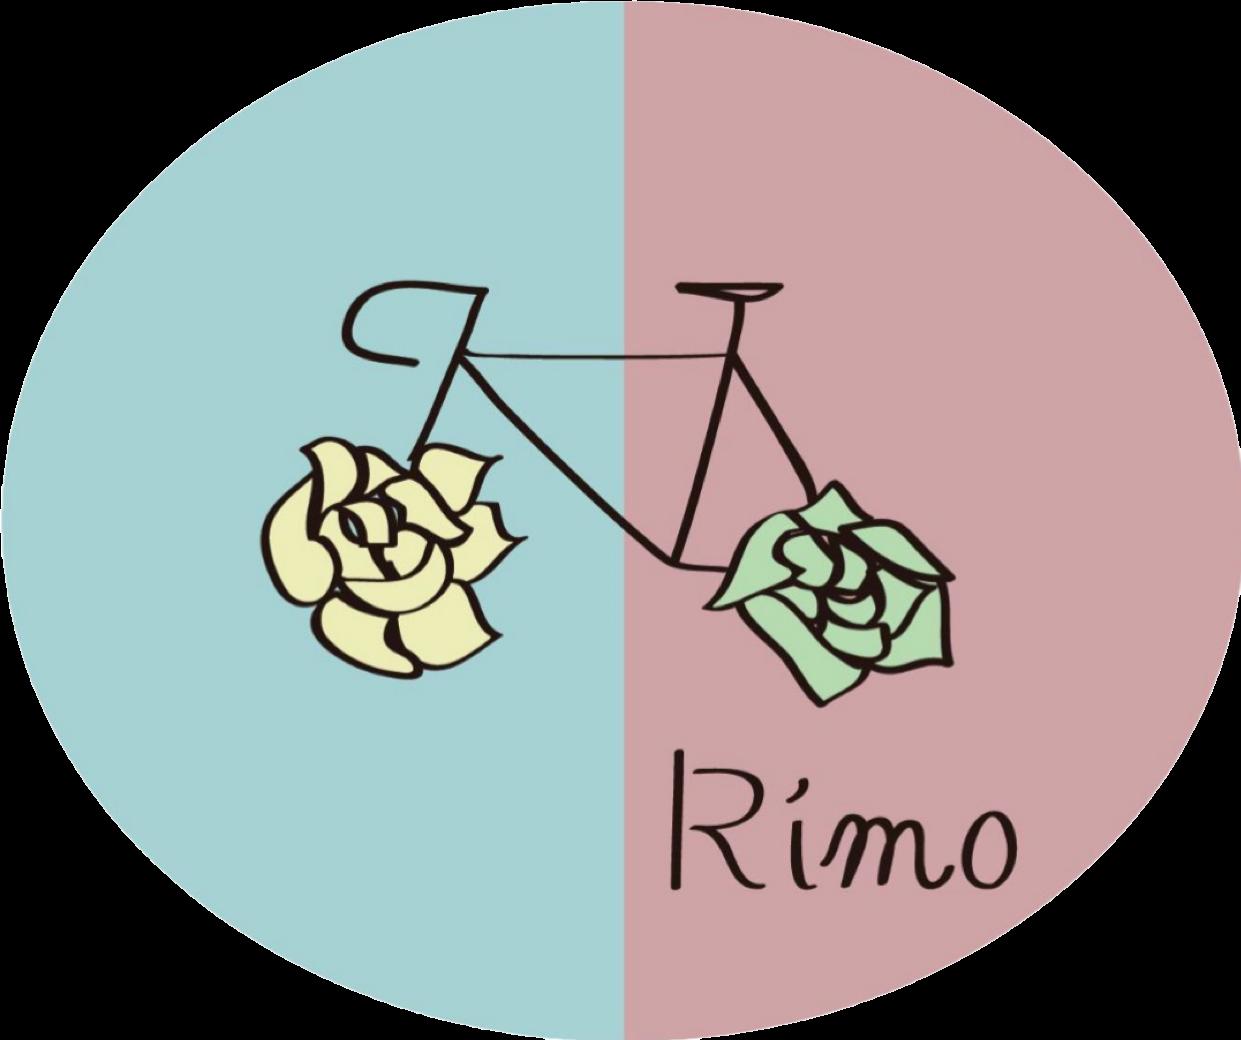 アトリエ リモ  Atelier-Rimo